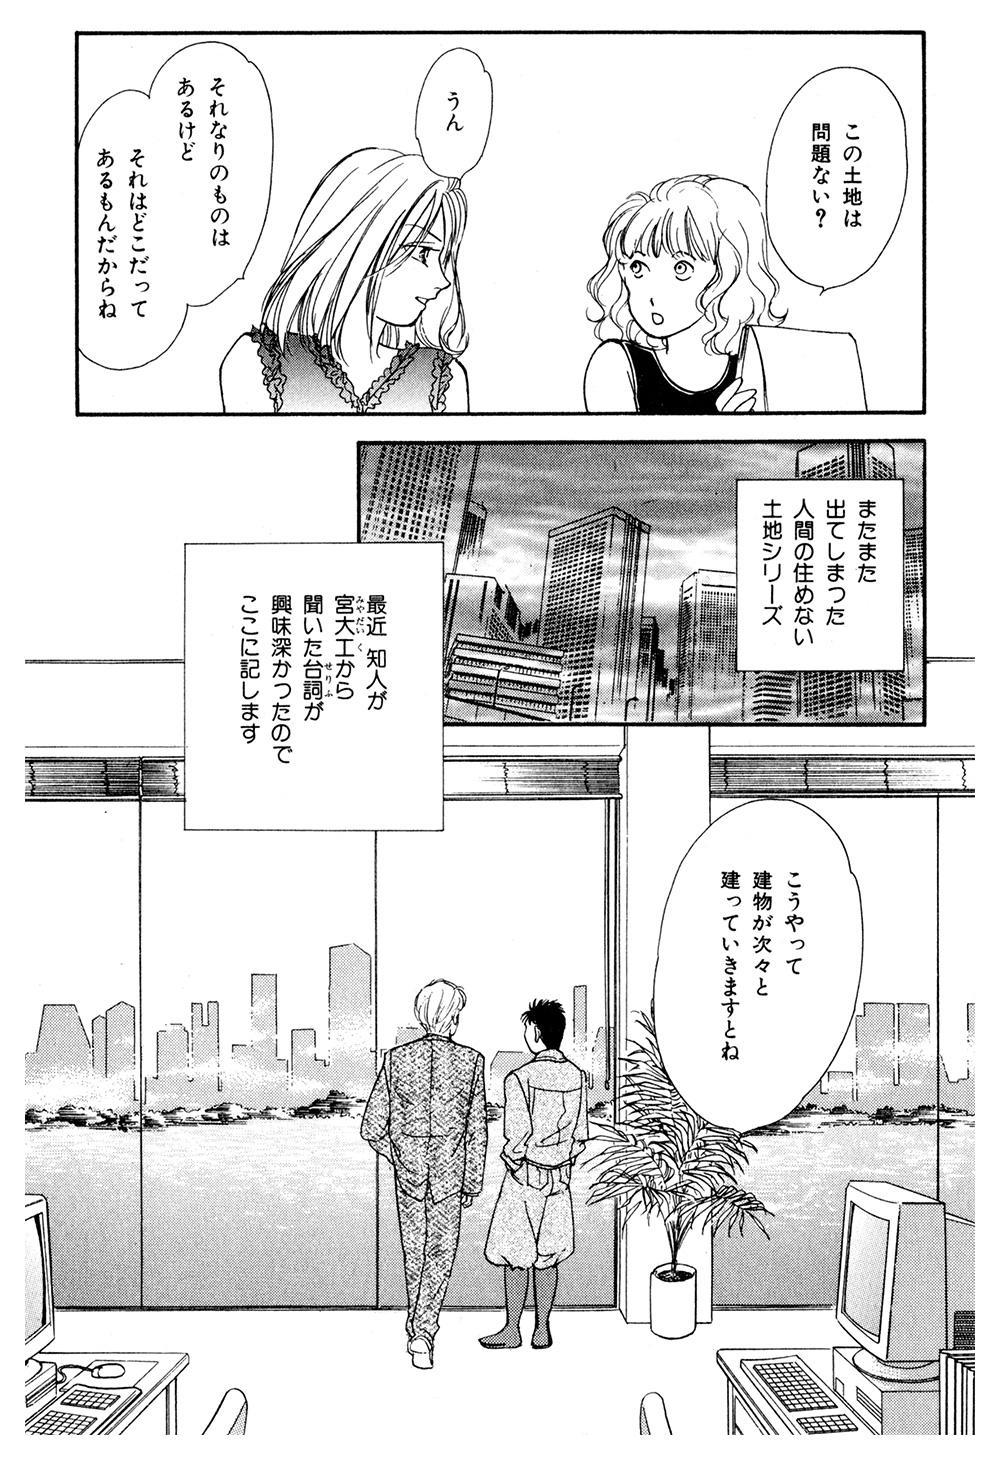 魔百合の恐怖報告 「災いを呼ぶ老婆」①rouba02-16.jpg